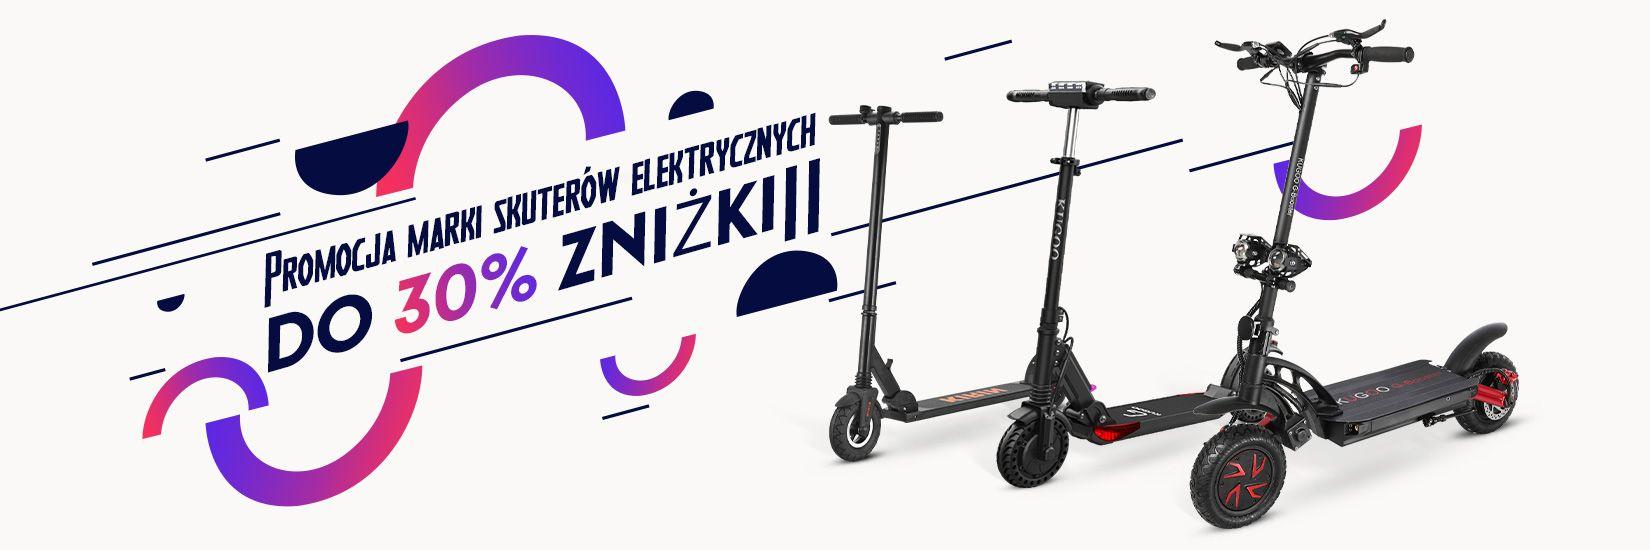 Wyprzedaż marki Kugoo - Geekbuying.pl